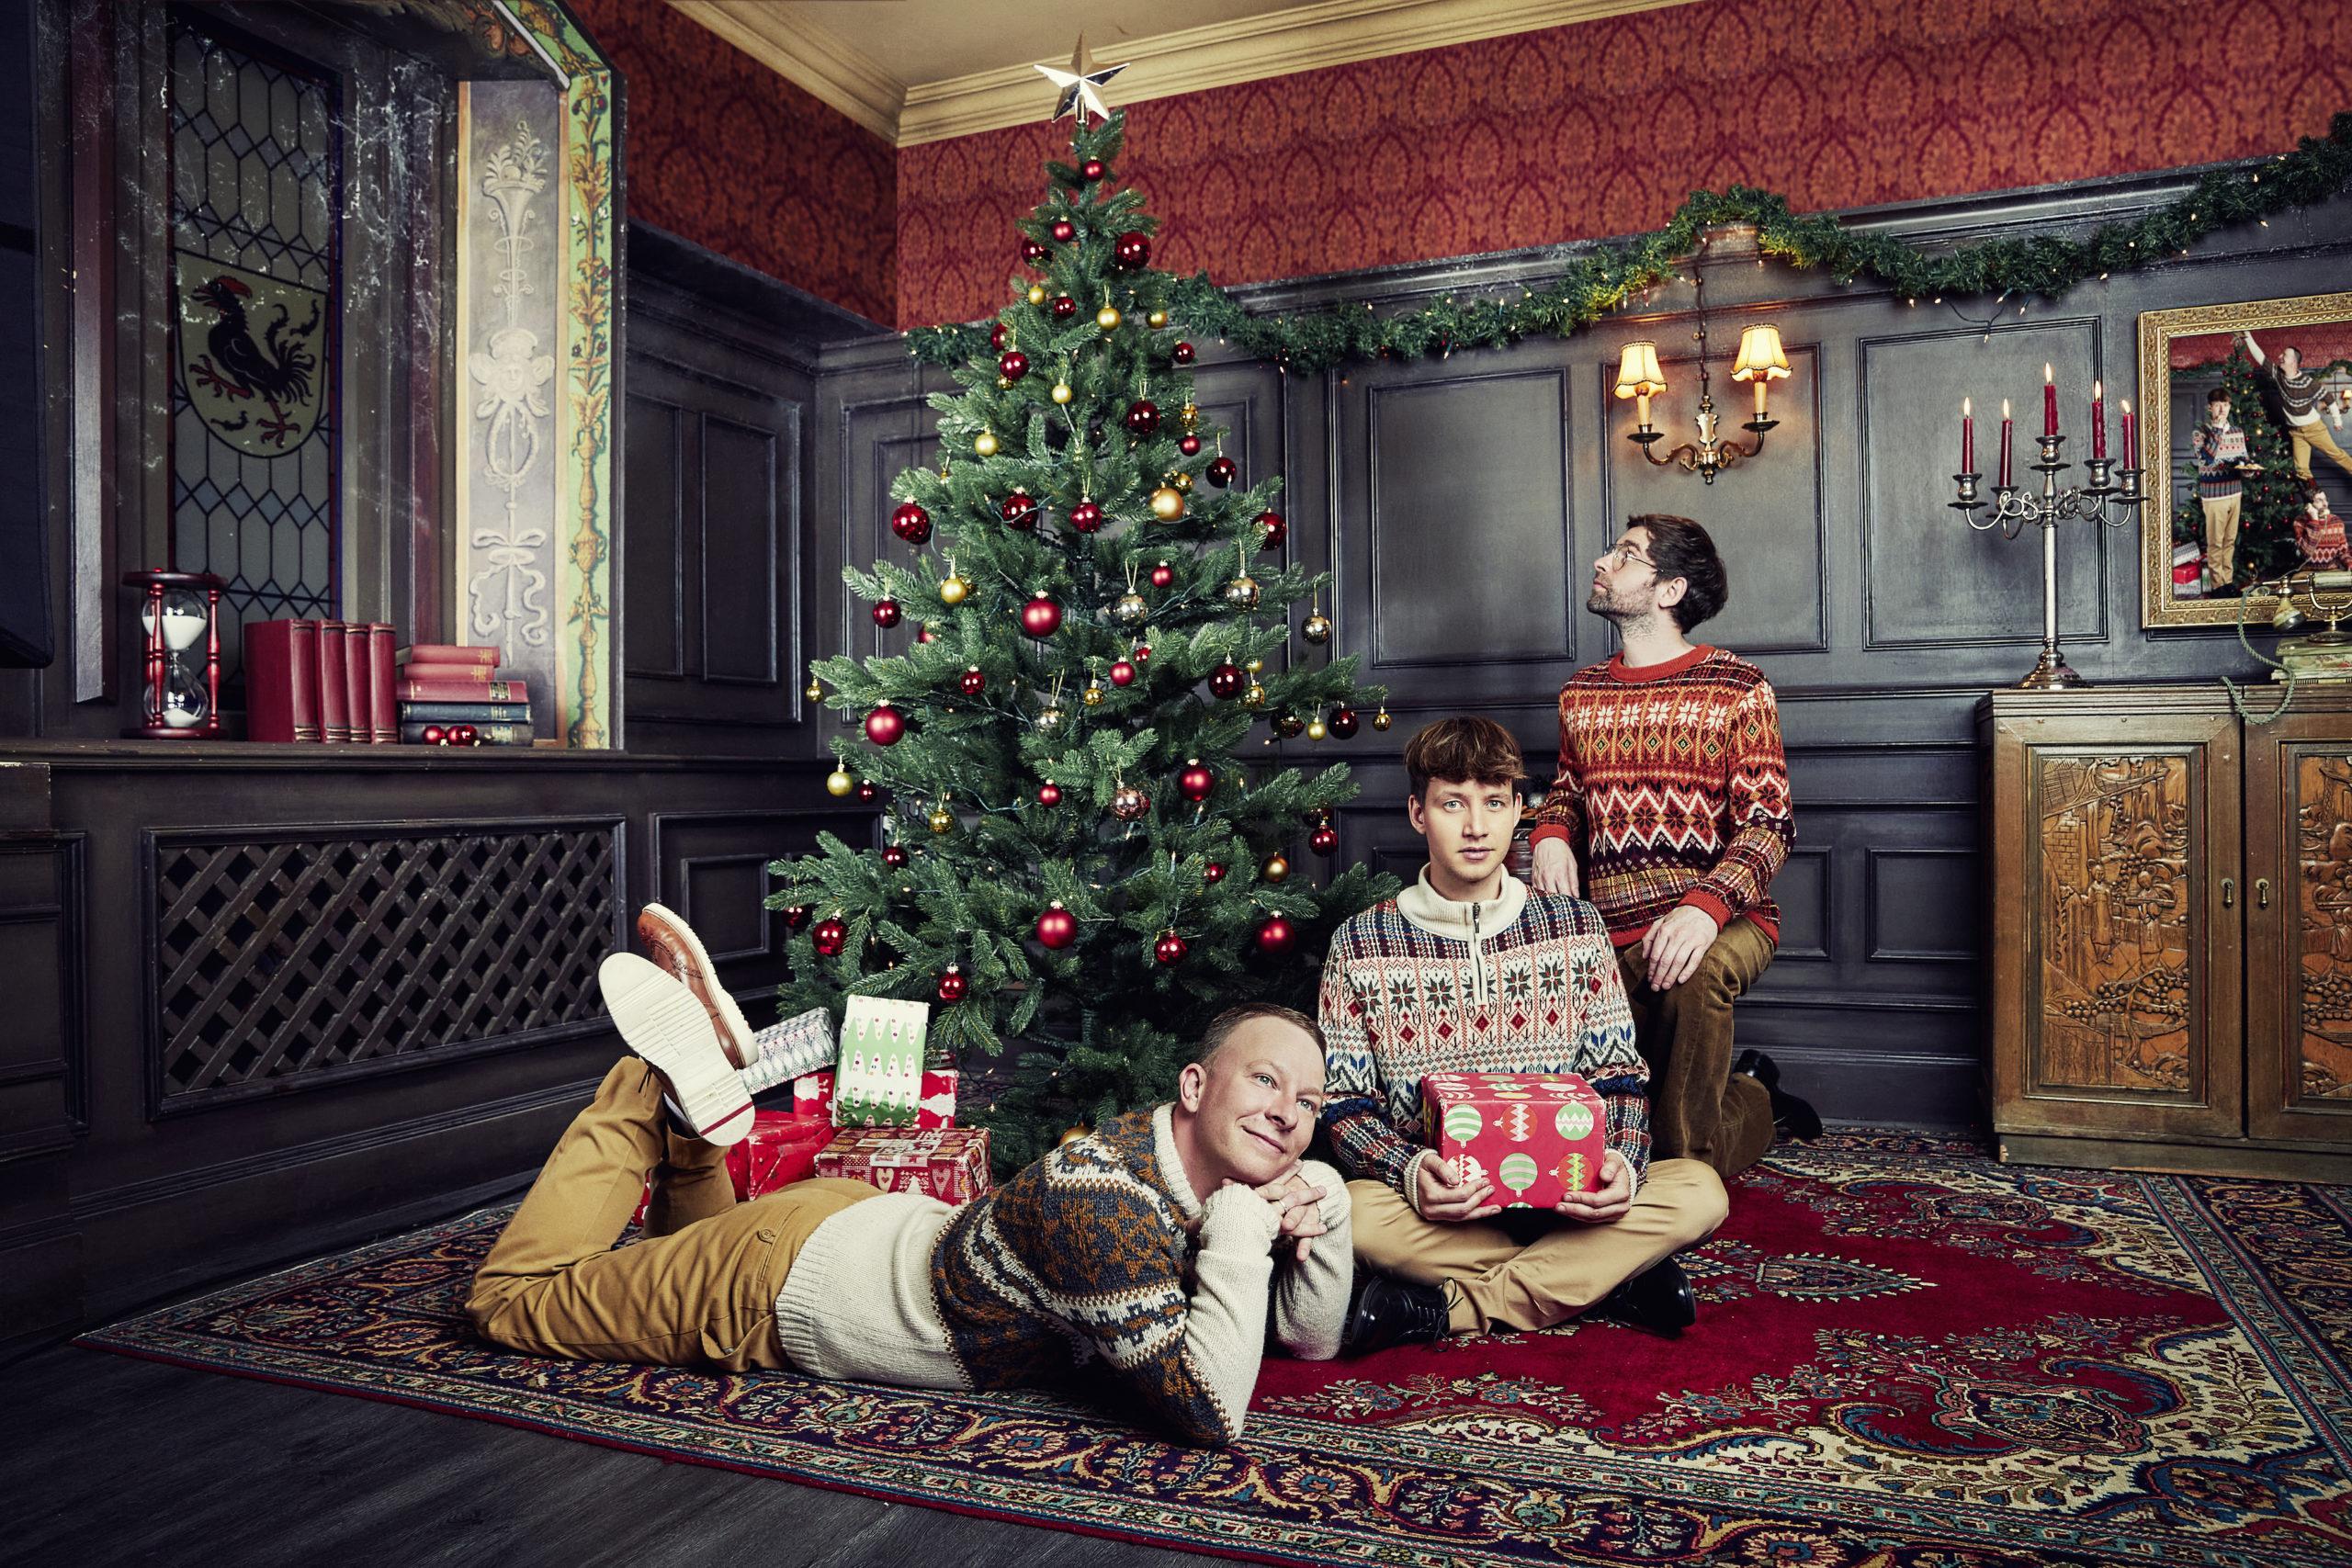 Weihnachten kann losgehen! Deine Freunde haben die perfekten Songs fürs Fest herausgebracht. Foto: Michi Schunck